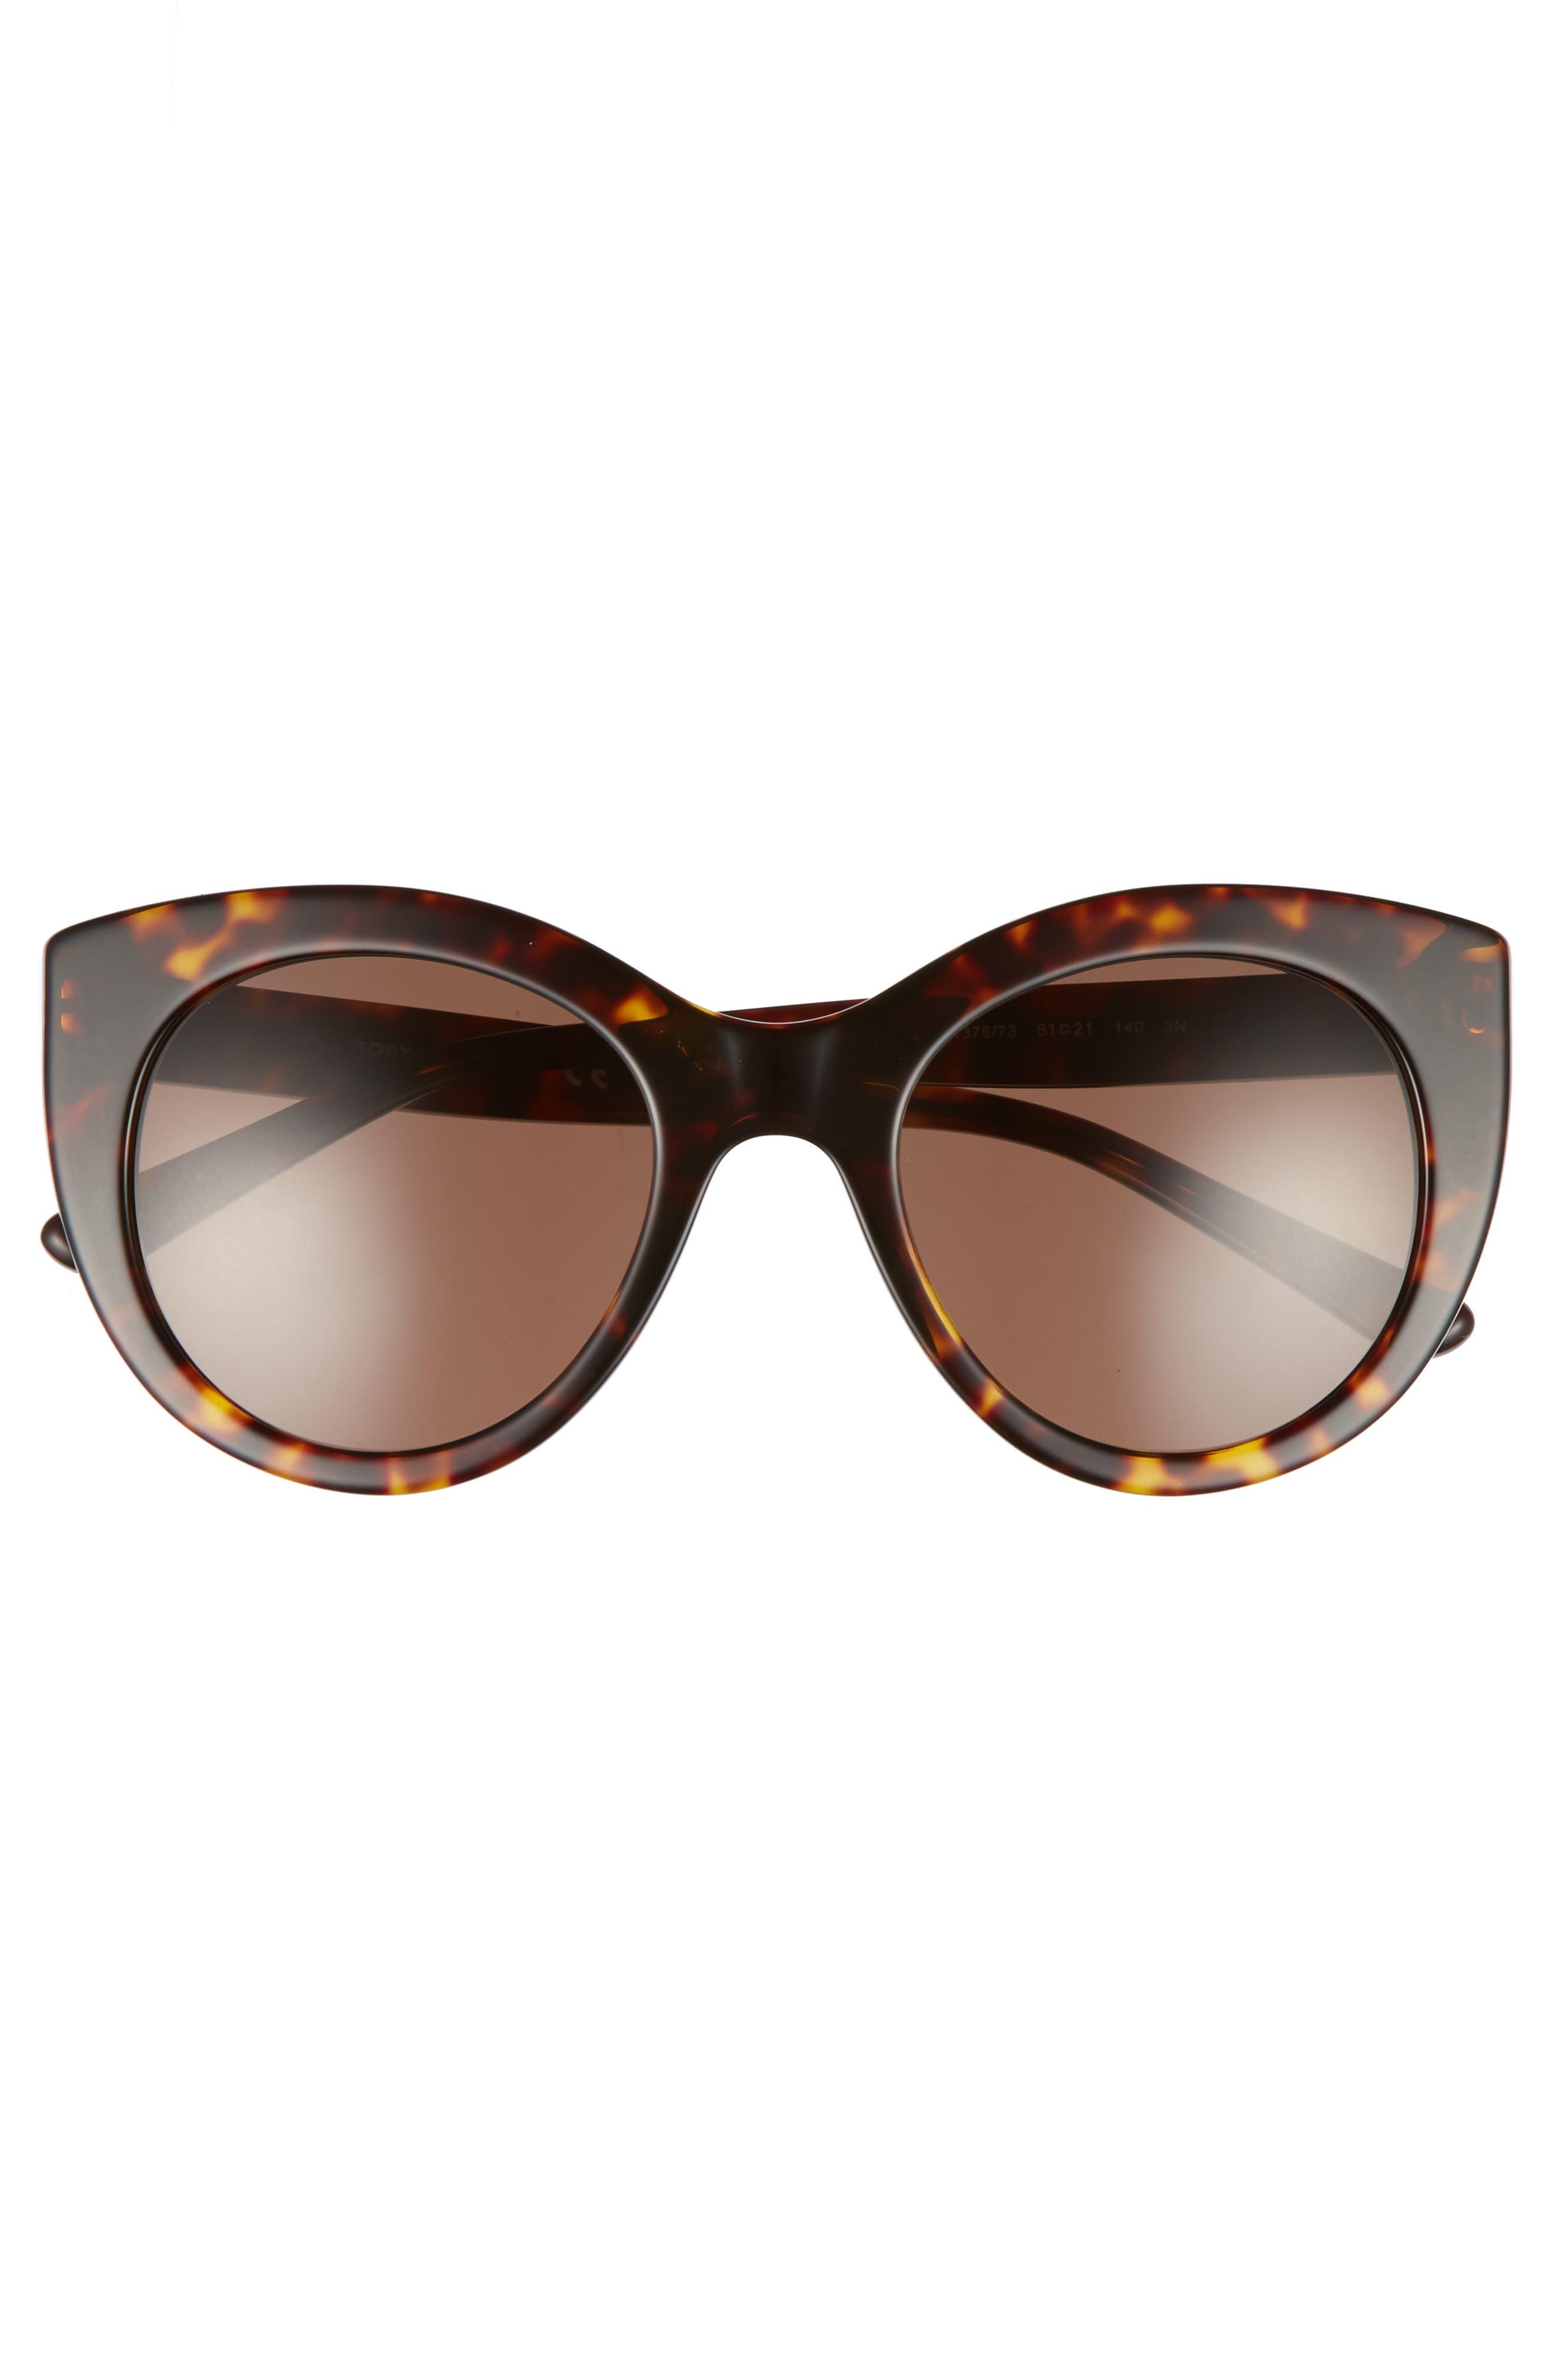 51mm Cat Eye Sunglasses,                             Alternate thumbnail 3, color,                             Tortoise/ Gold